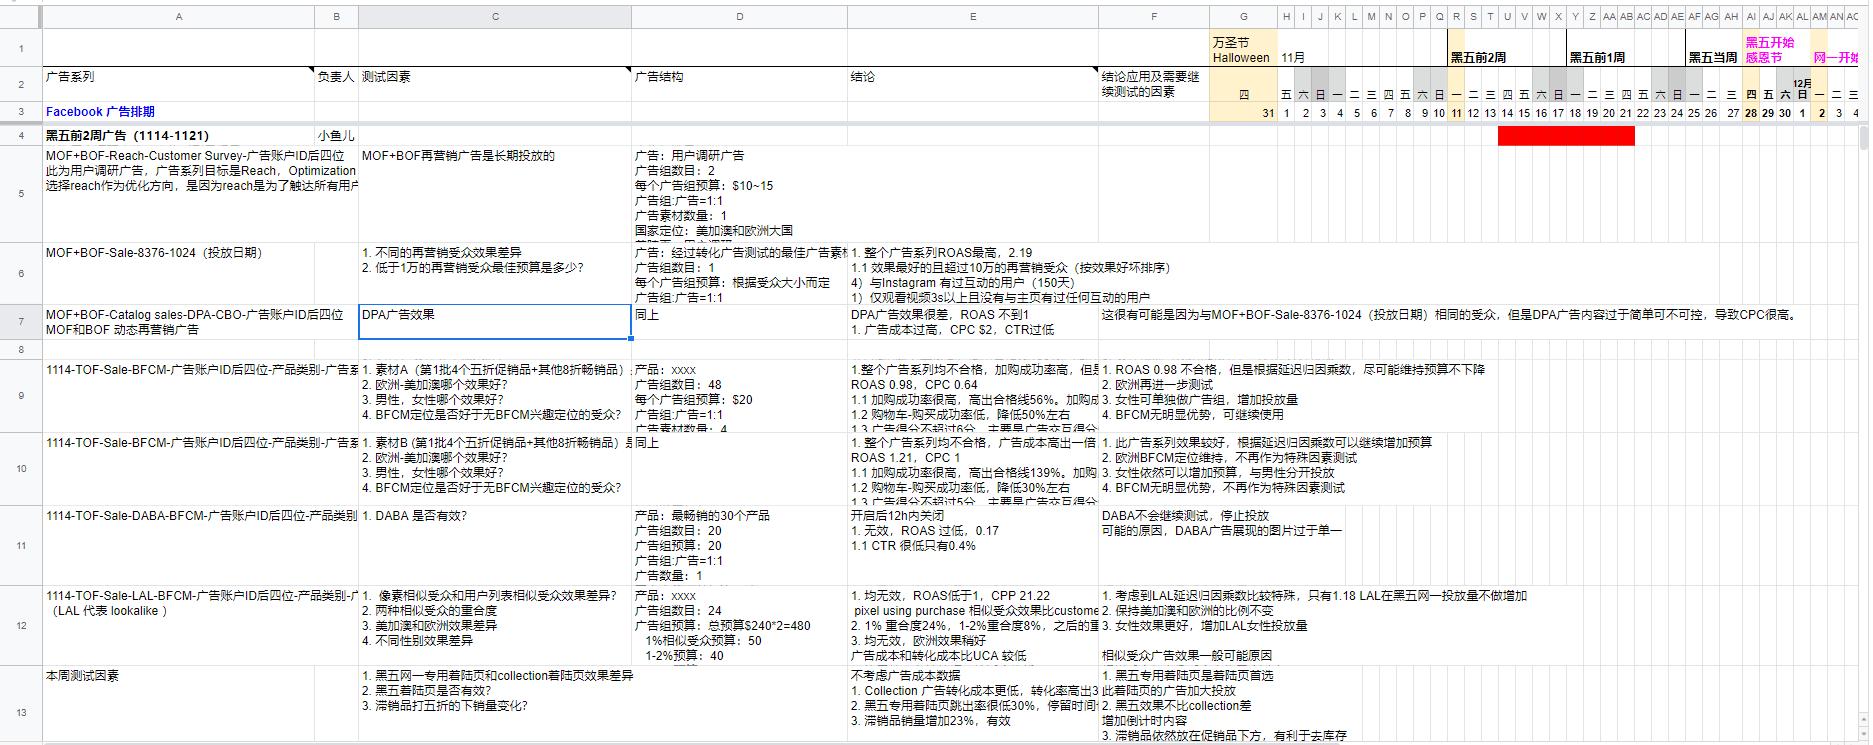 2019黑五网一广告排期表-xiaoyuer101.com